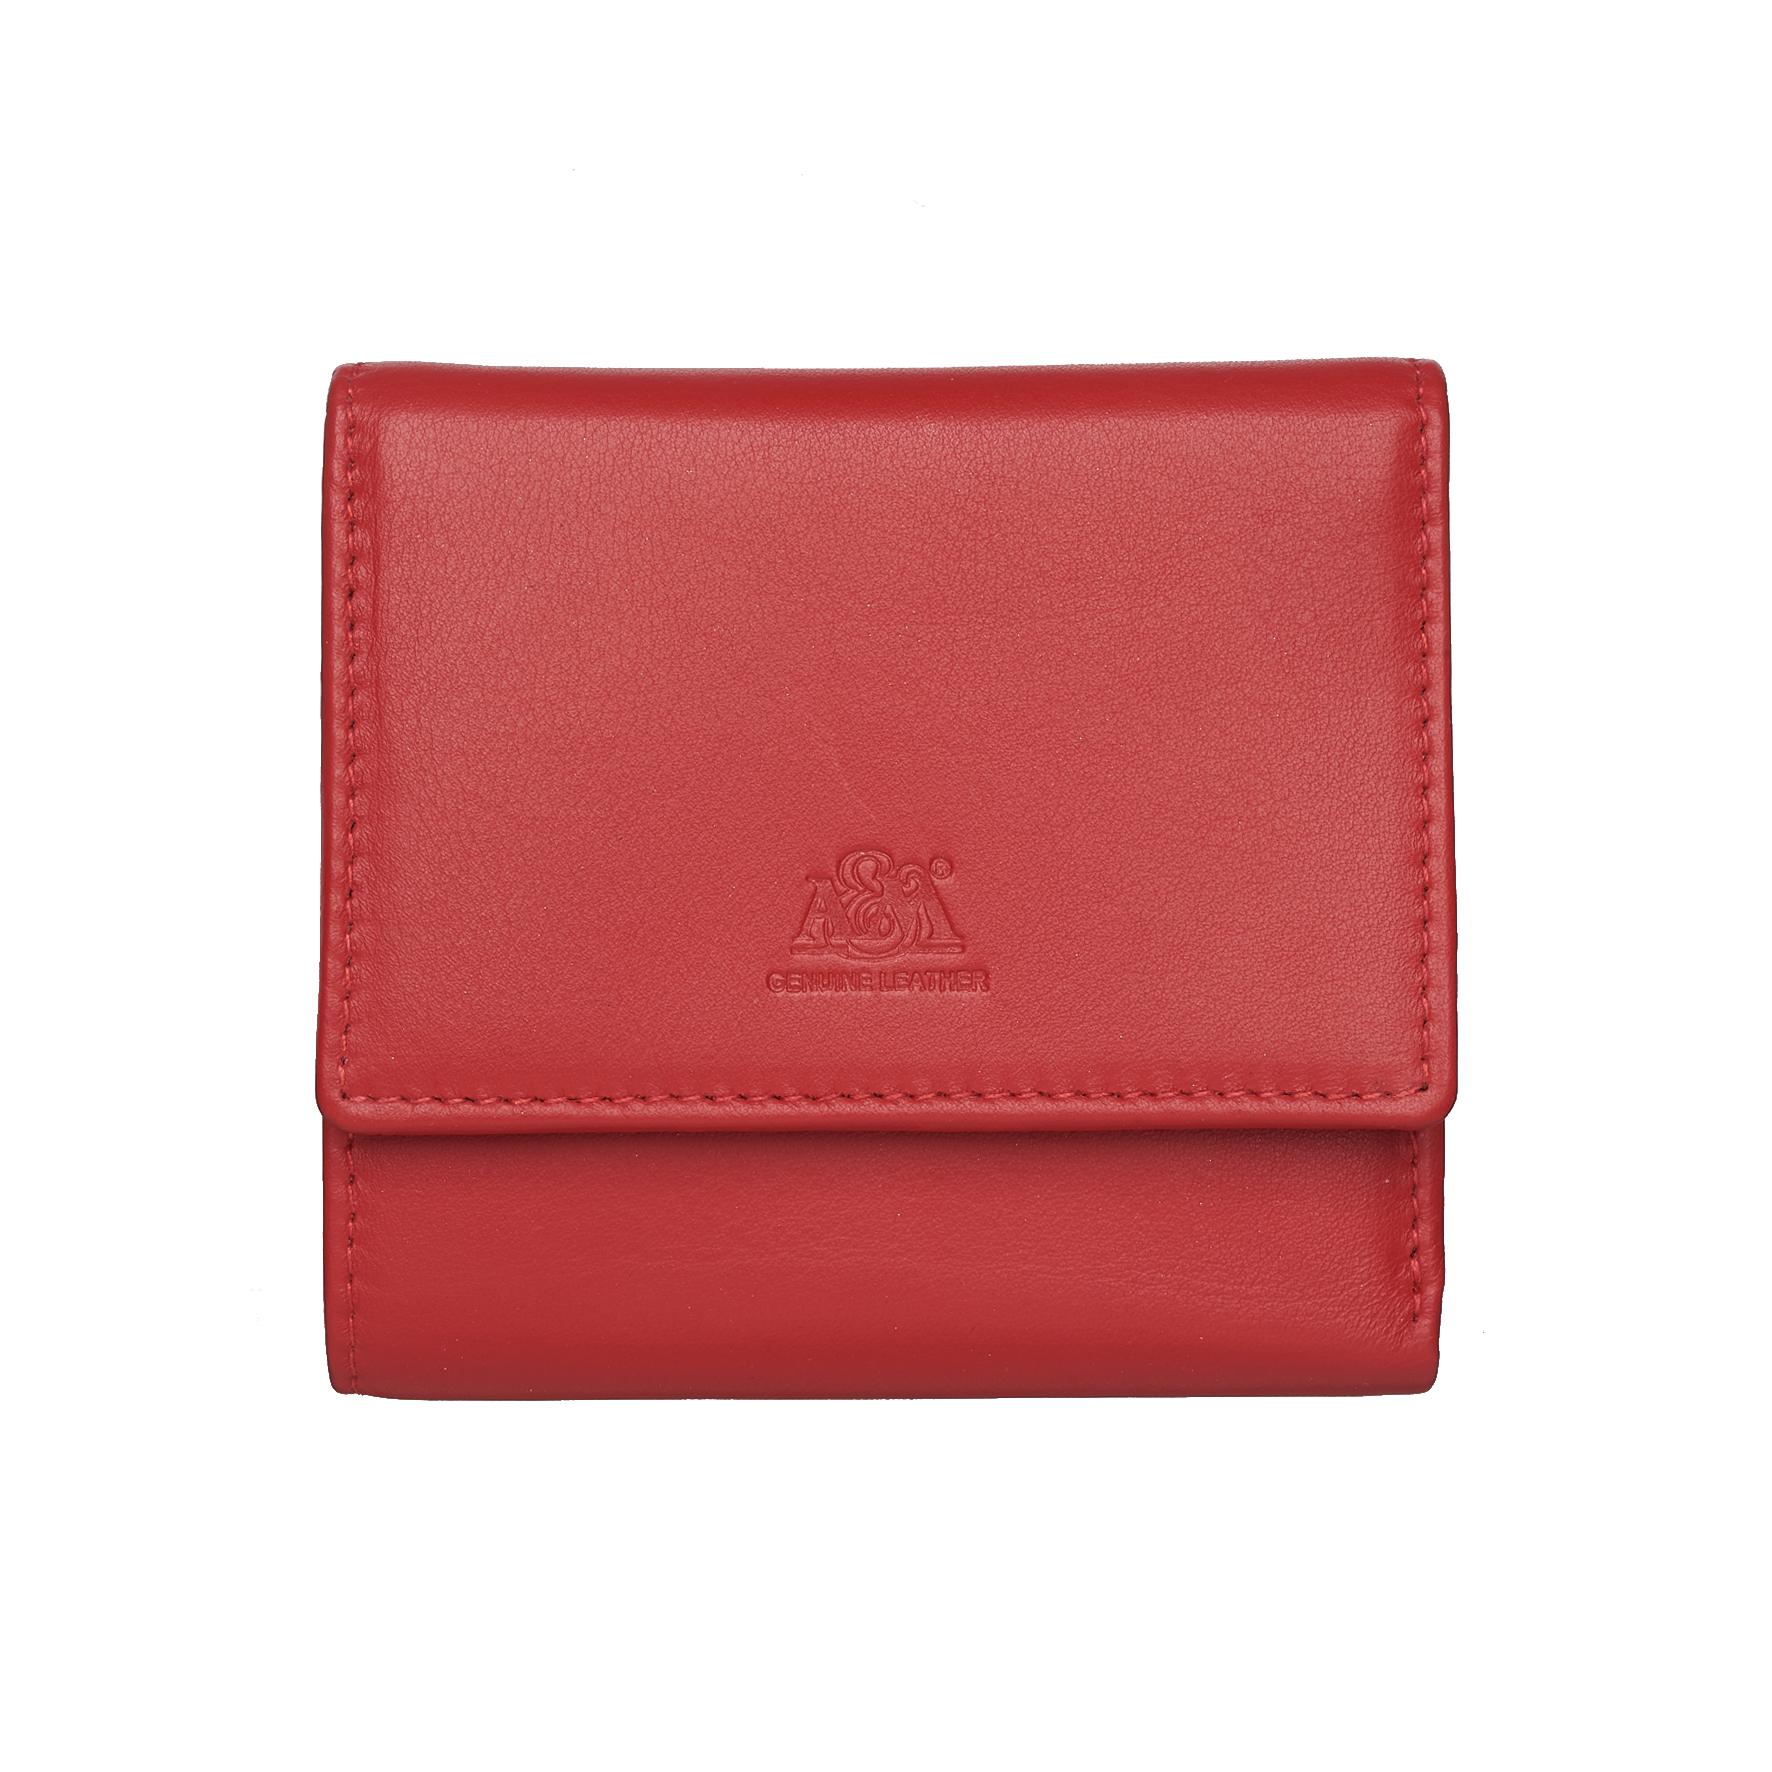 цена Портмоне A&M женское, 2652N.Red, красный, красный онлайн в 2017 году